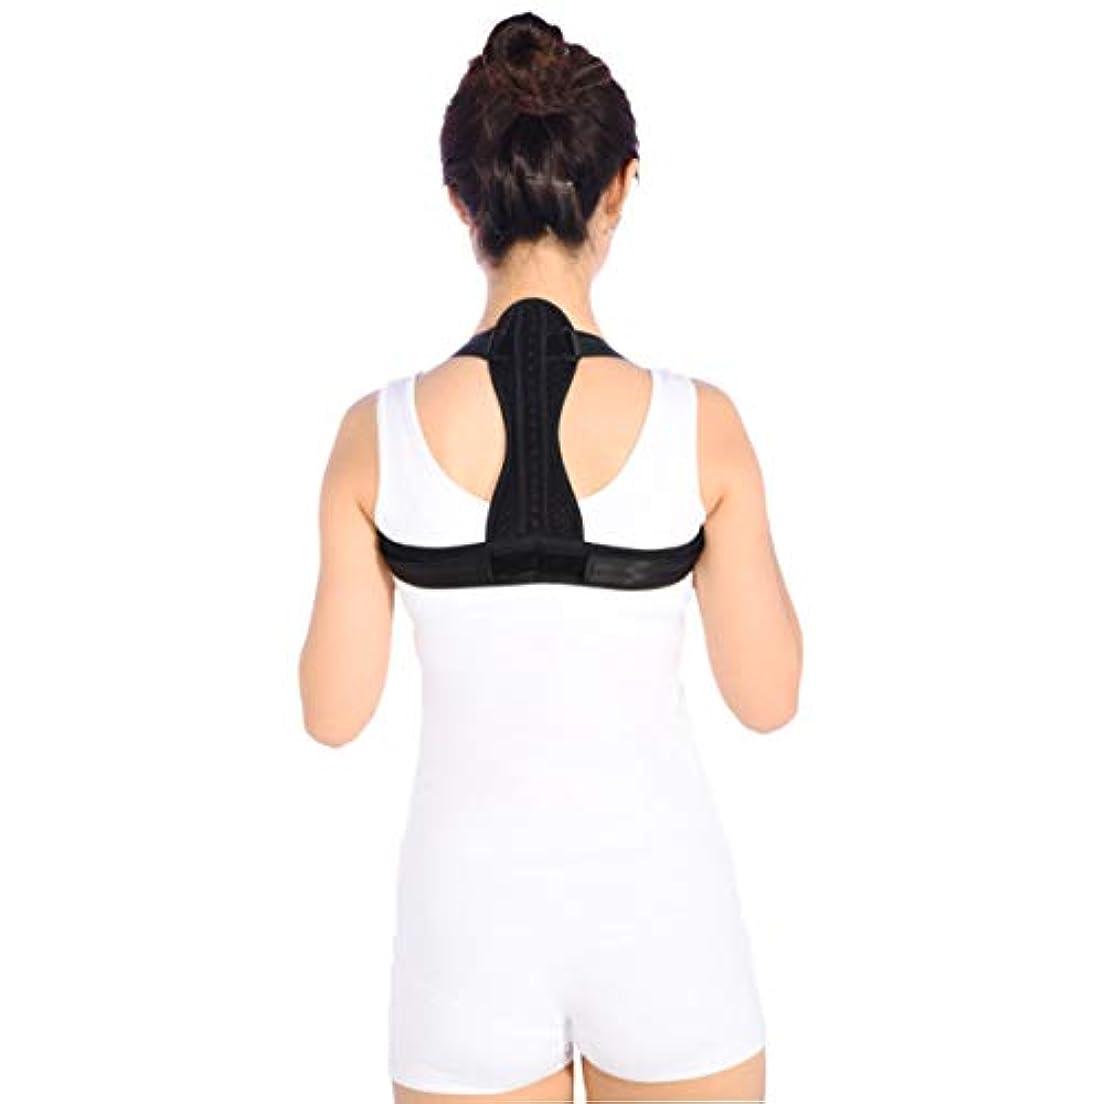 ロケーションクレジットコンプリート通気性の脊柱側弯症ザトウクジラ補正ベルト調節可能な快適さ目に見えないベルト男性女性大人学生子供 - 黒